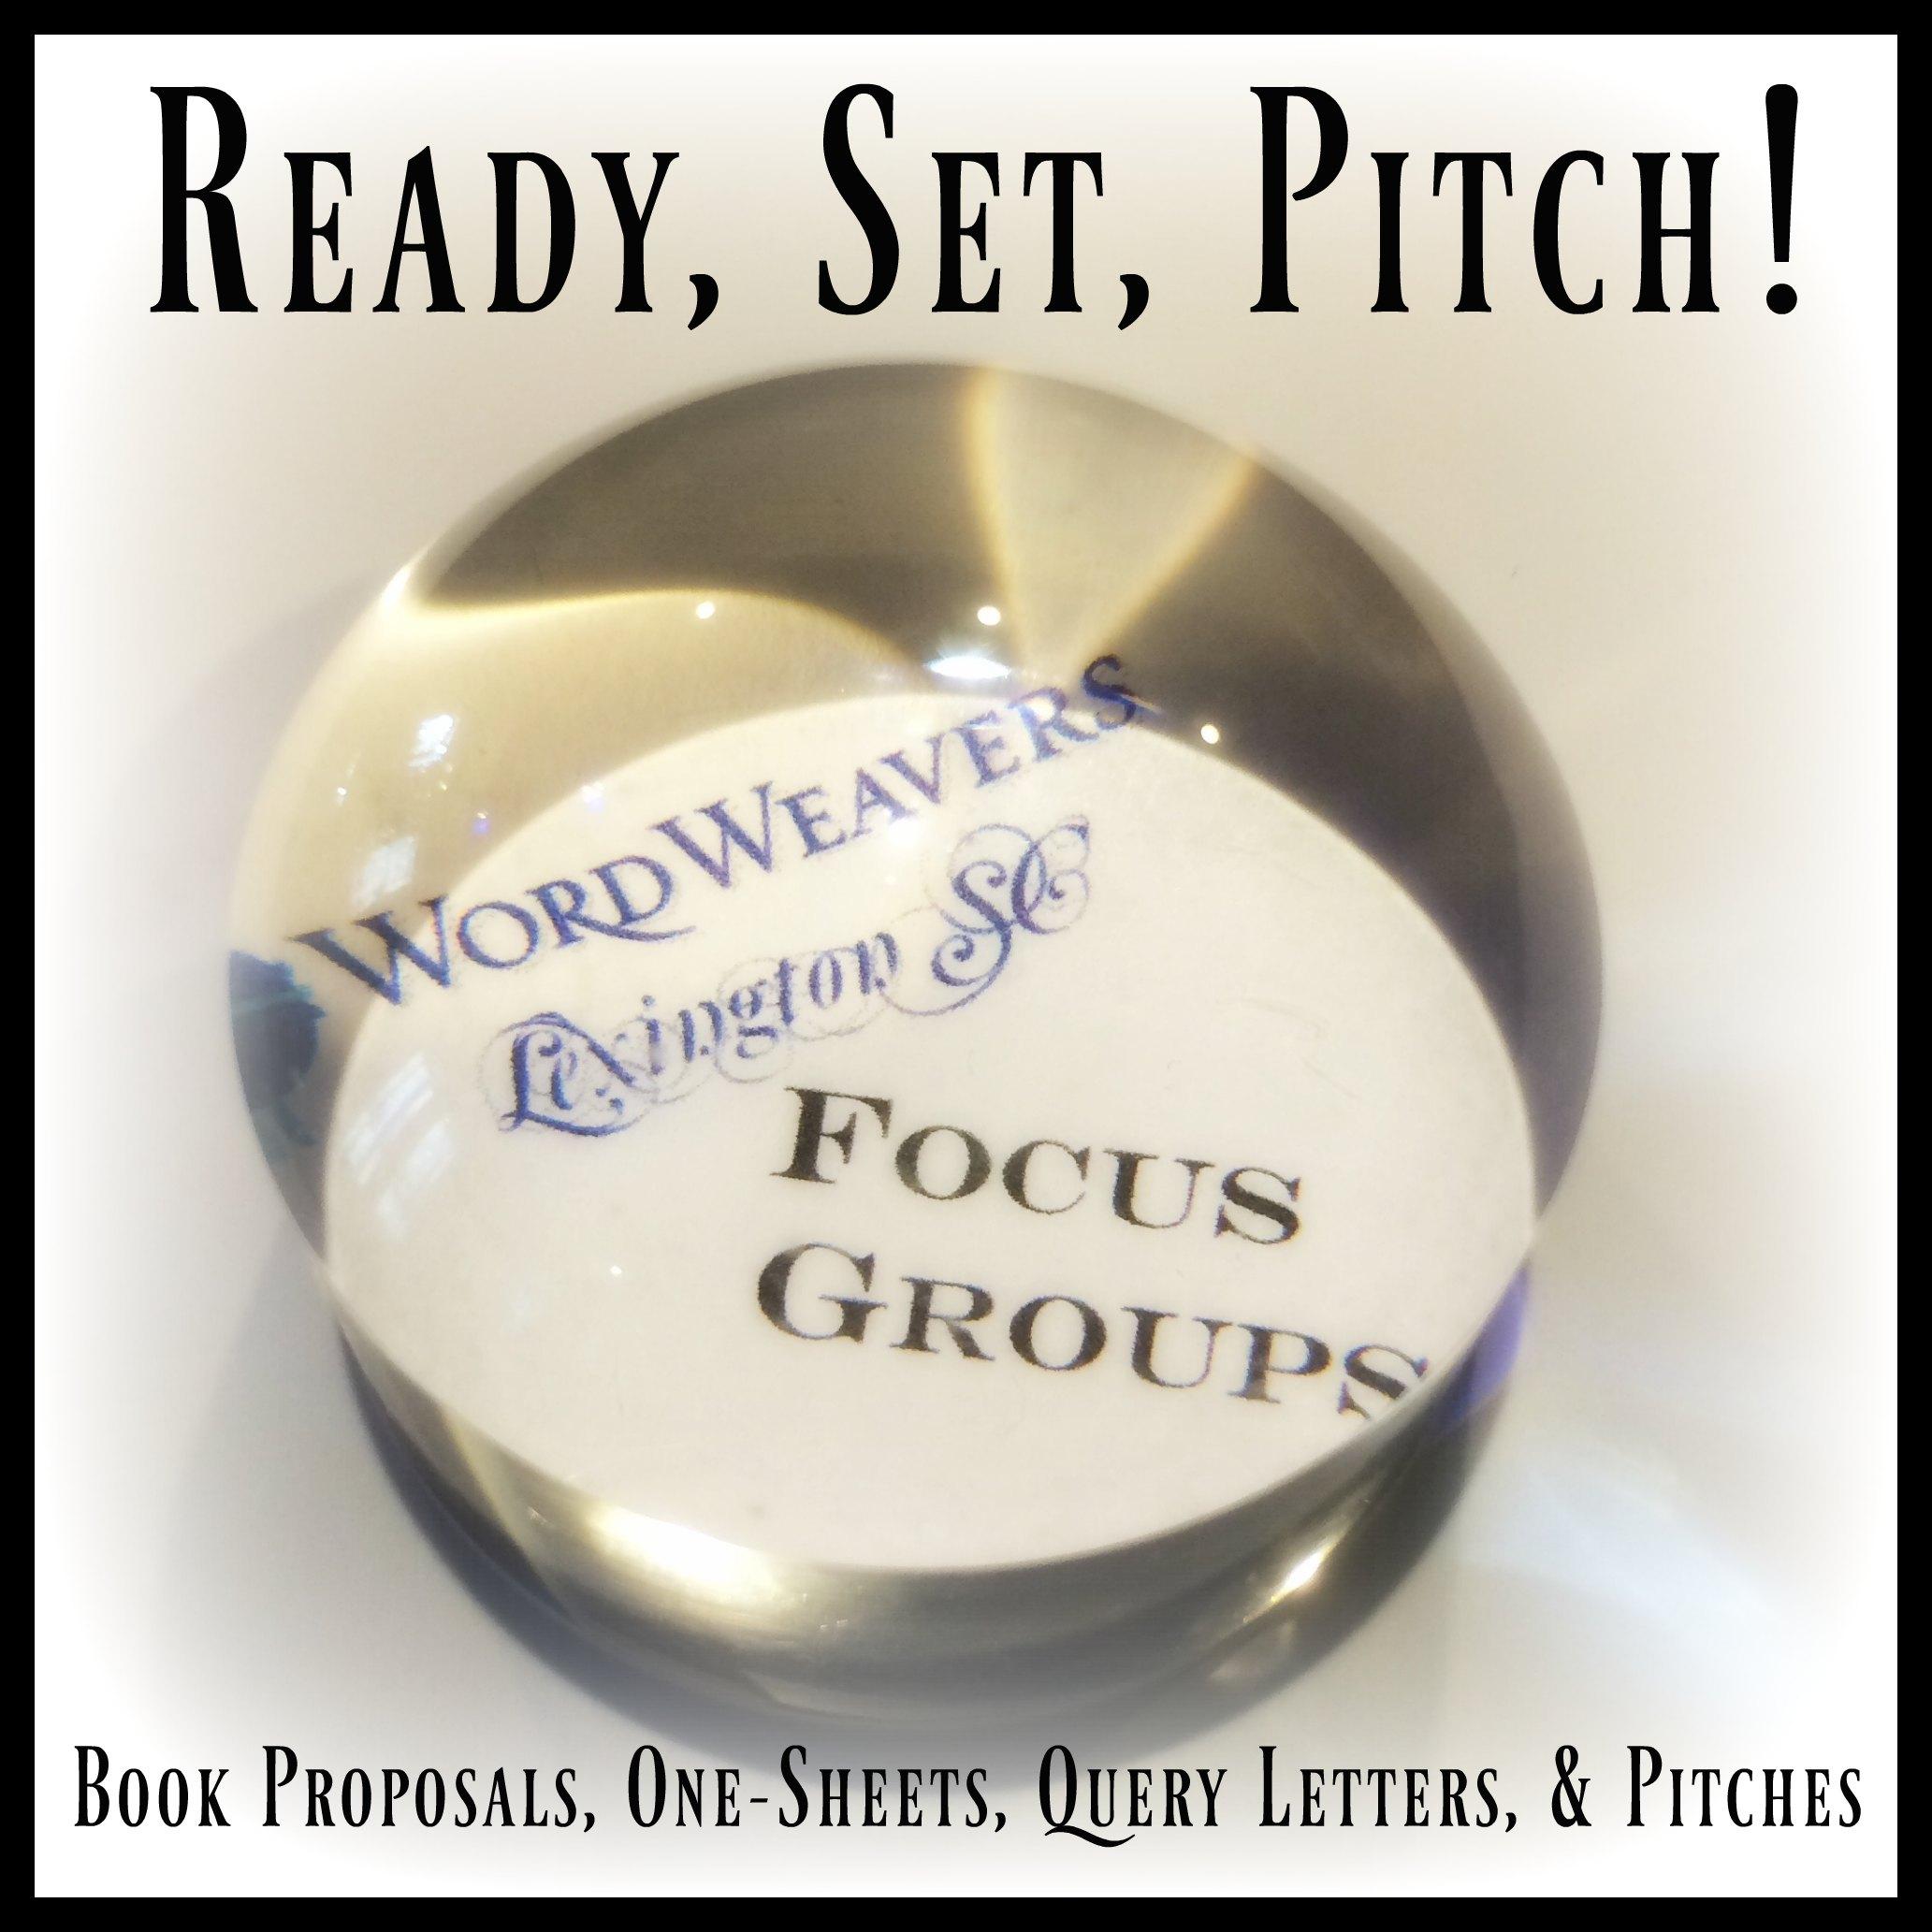 Ready, Set, Pitch Focus Group @ Lexington Word Weavers